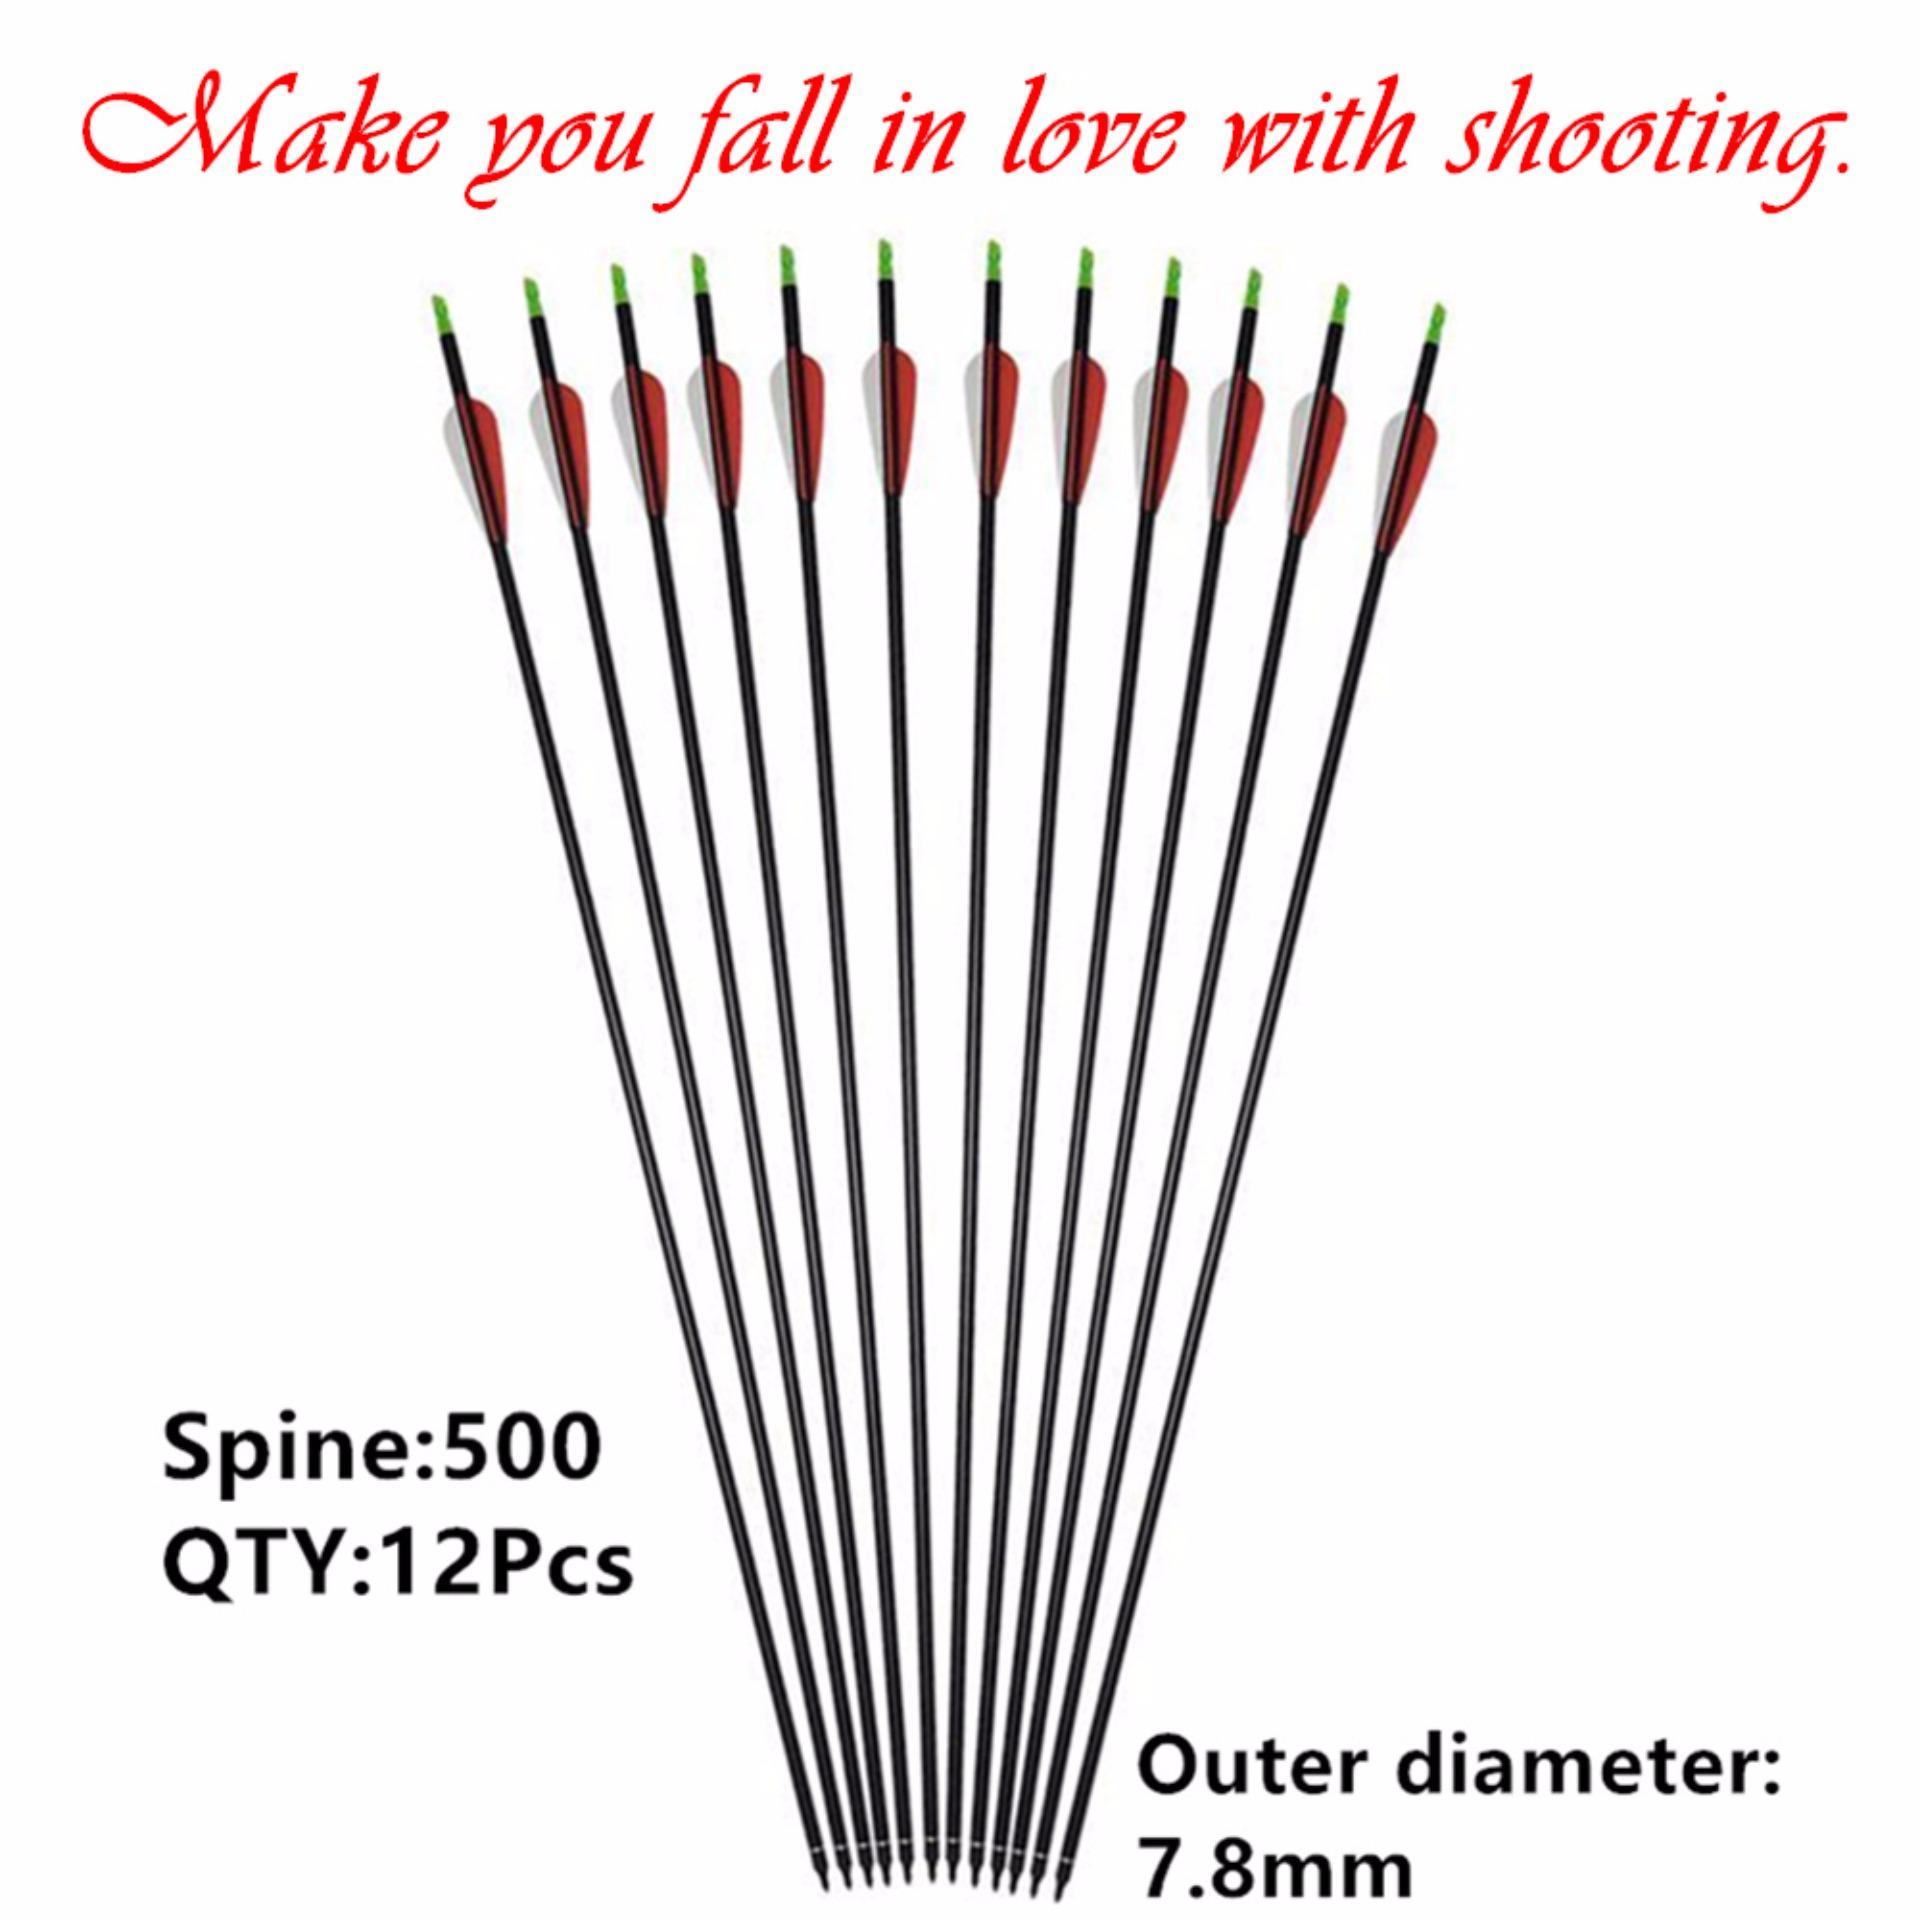 12Pcs Training Practice 7.8mm Arrow Full Carbon Fiber Archery Replaceable  Arrow Recurve Bow Compound Bow bae275080c42